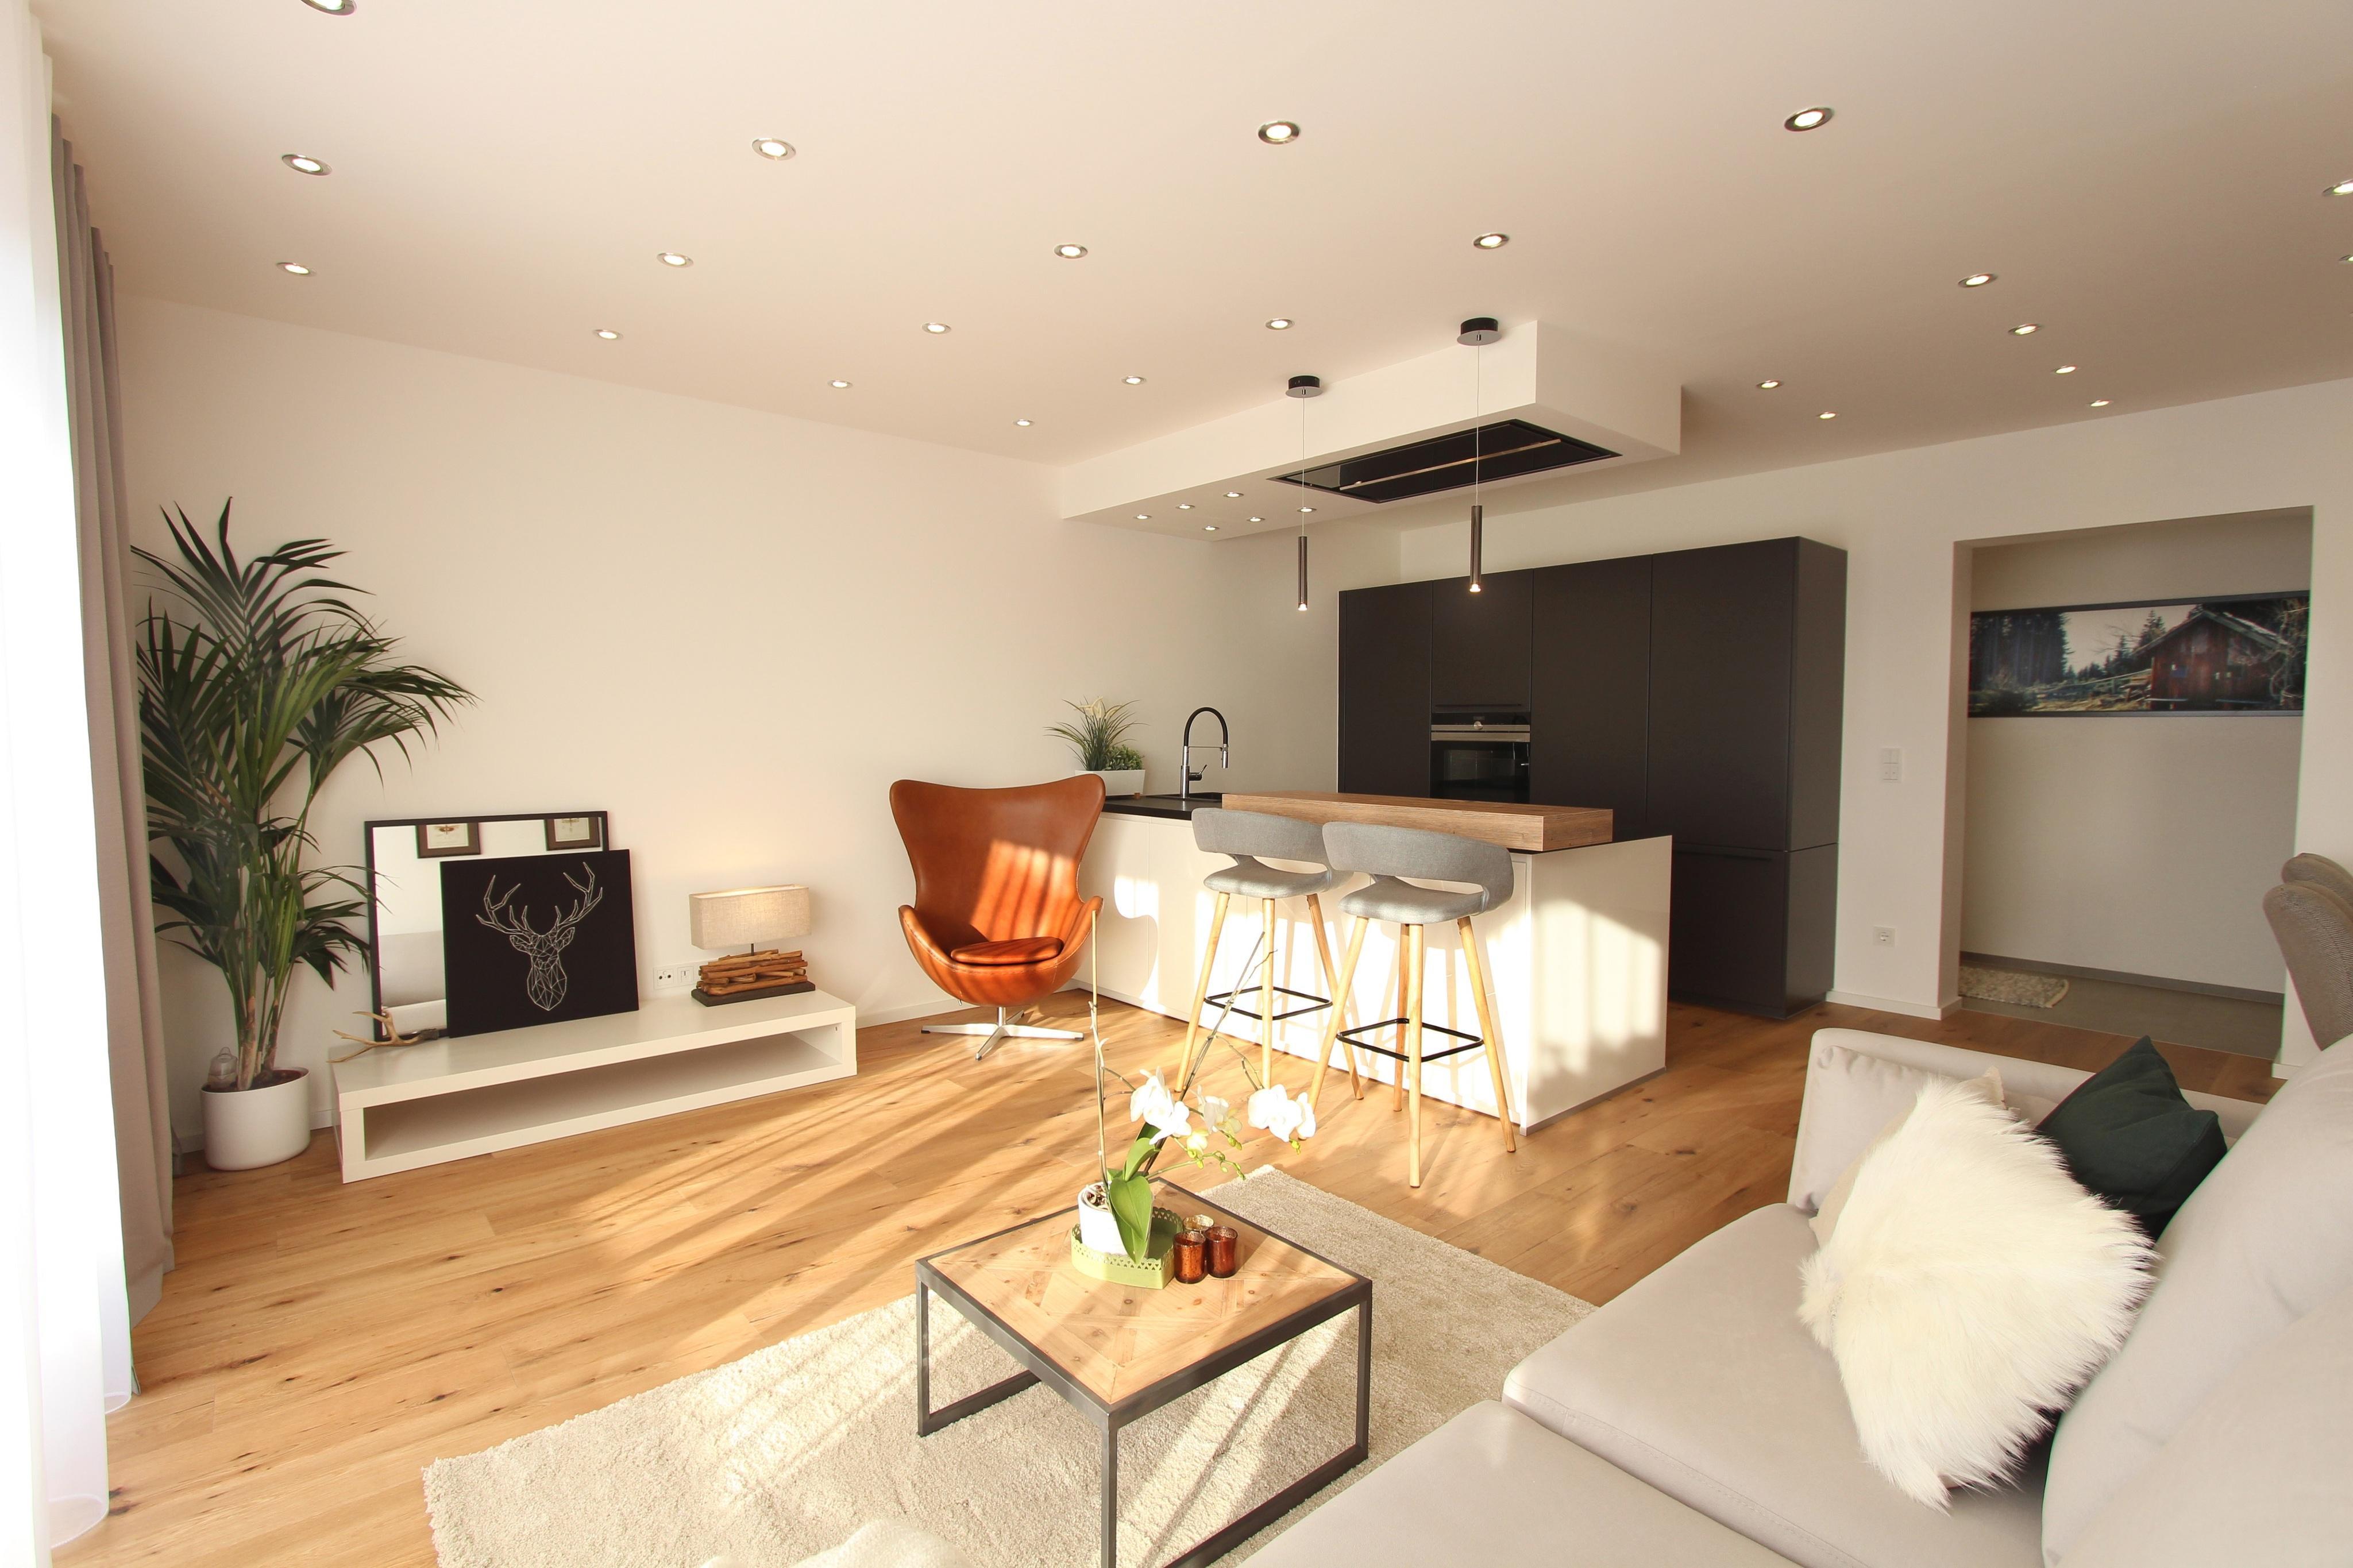 Outdoorküche Mit Kühlschrank Reparieren : Küche und wohnzimmer in einem erfahrungen mit ikea küche weiß